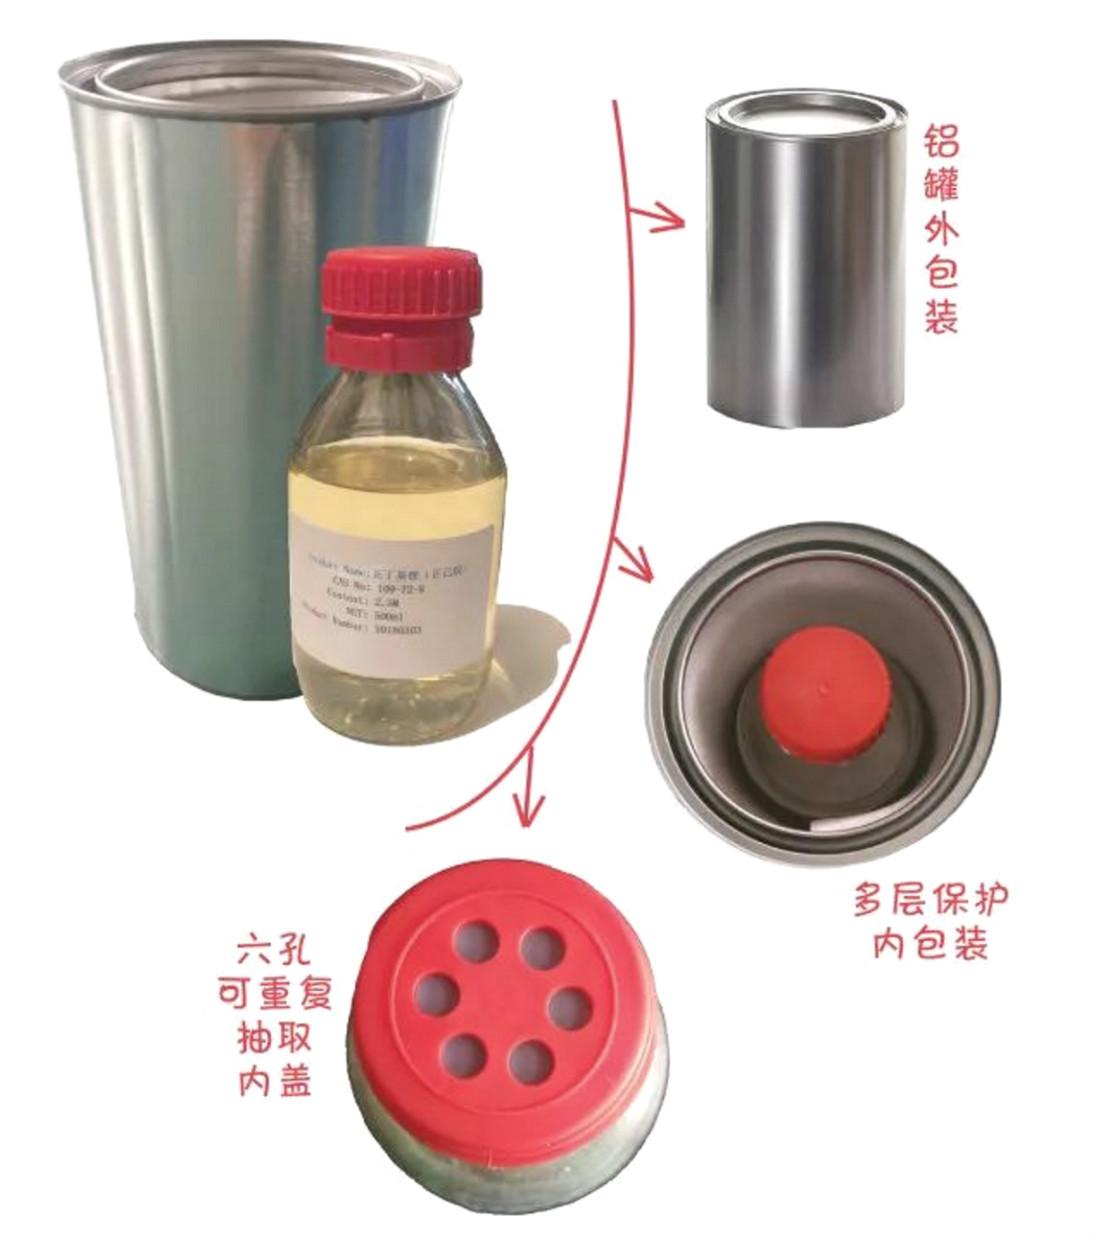 间甲苯基溴化镁